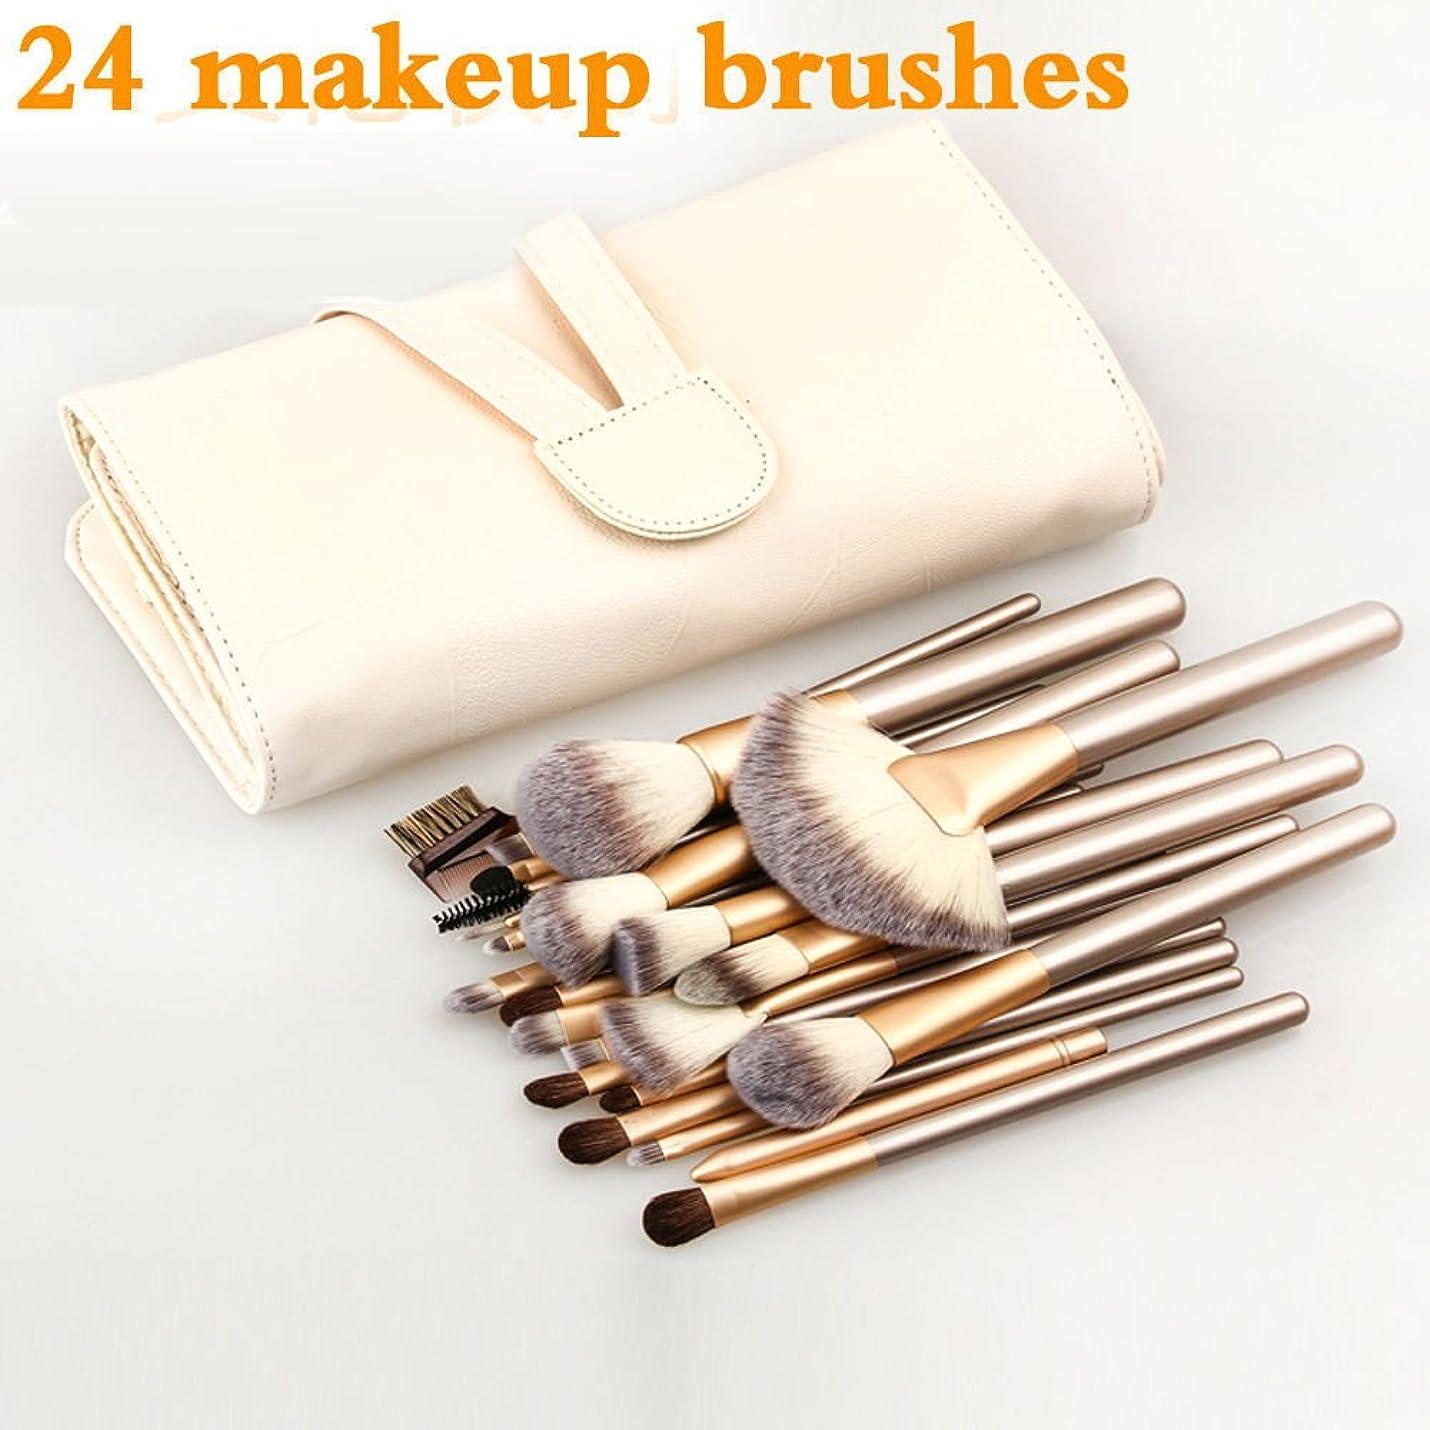 彼女の発疹連続した24/18/12pcs Professional Luxury Makeup Brushes Champagne Gold Make Up Brush Set Cosmetic Brush Beauty Maker pencil maquiagem 化粧用ブラシ (12PCS)